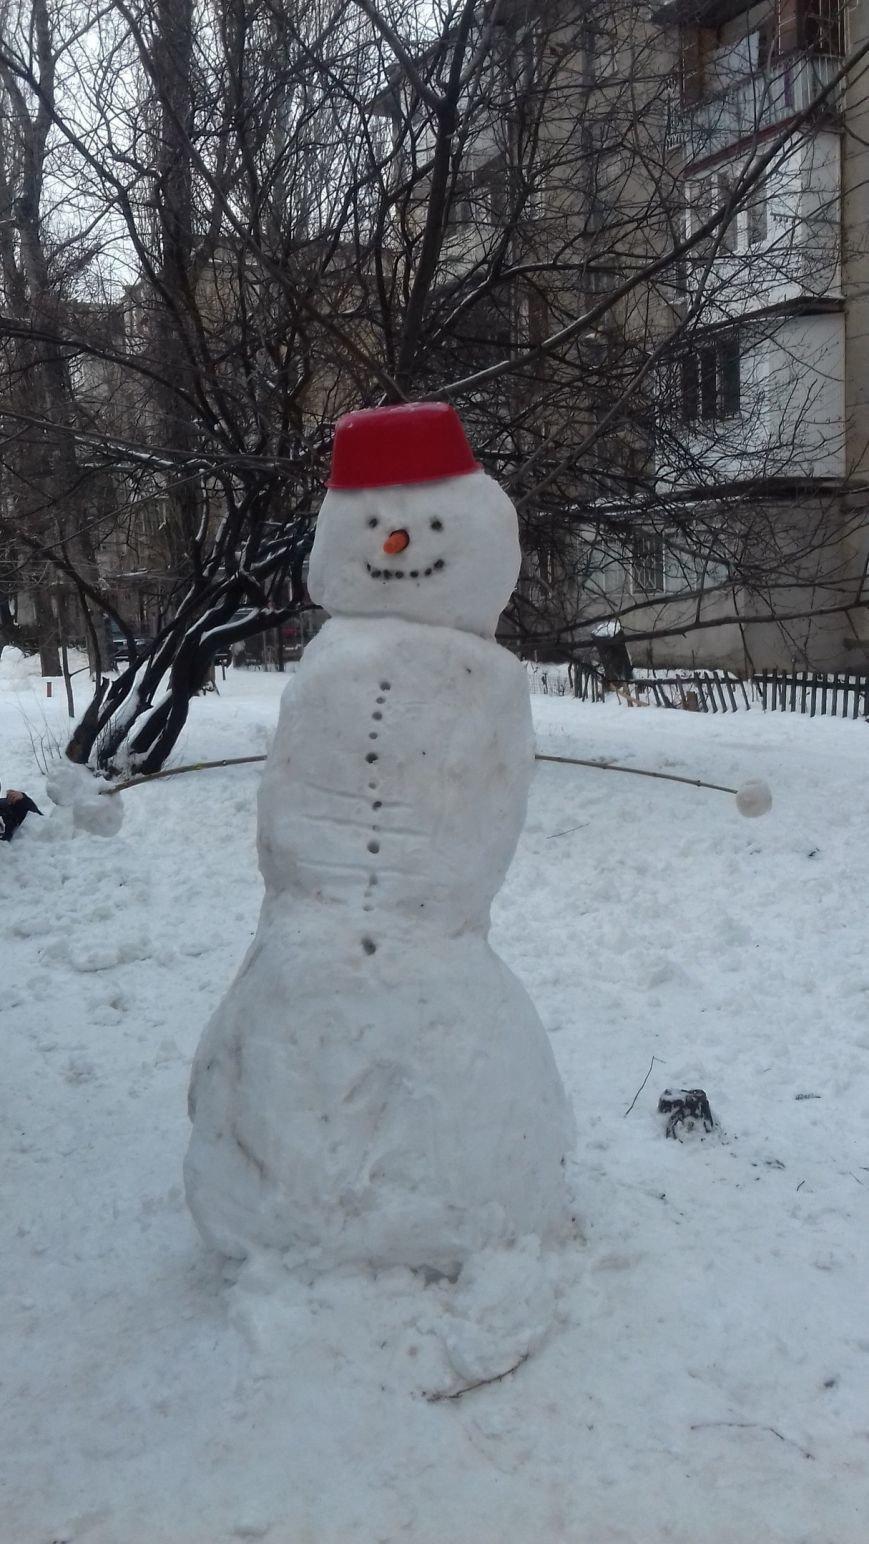 В Одессе из снега вылепили Дарта Вейдера, Крокодила Гену и настоящего мужика (ФОТО), фото-3